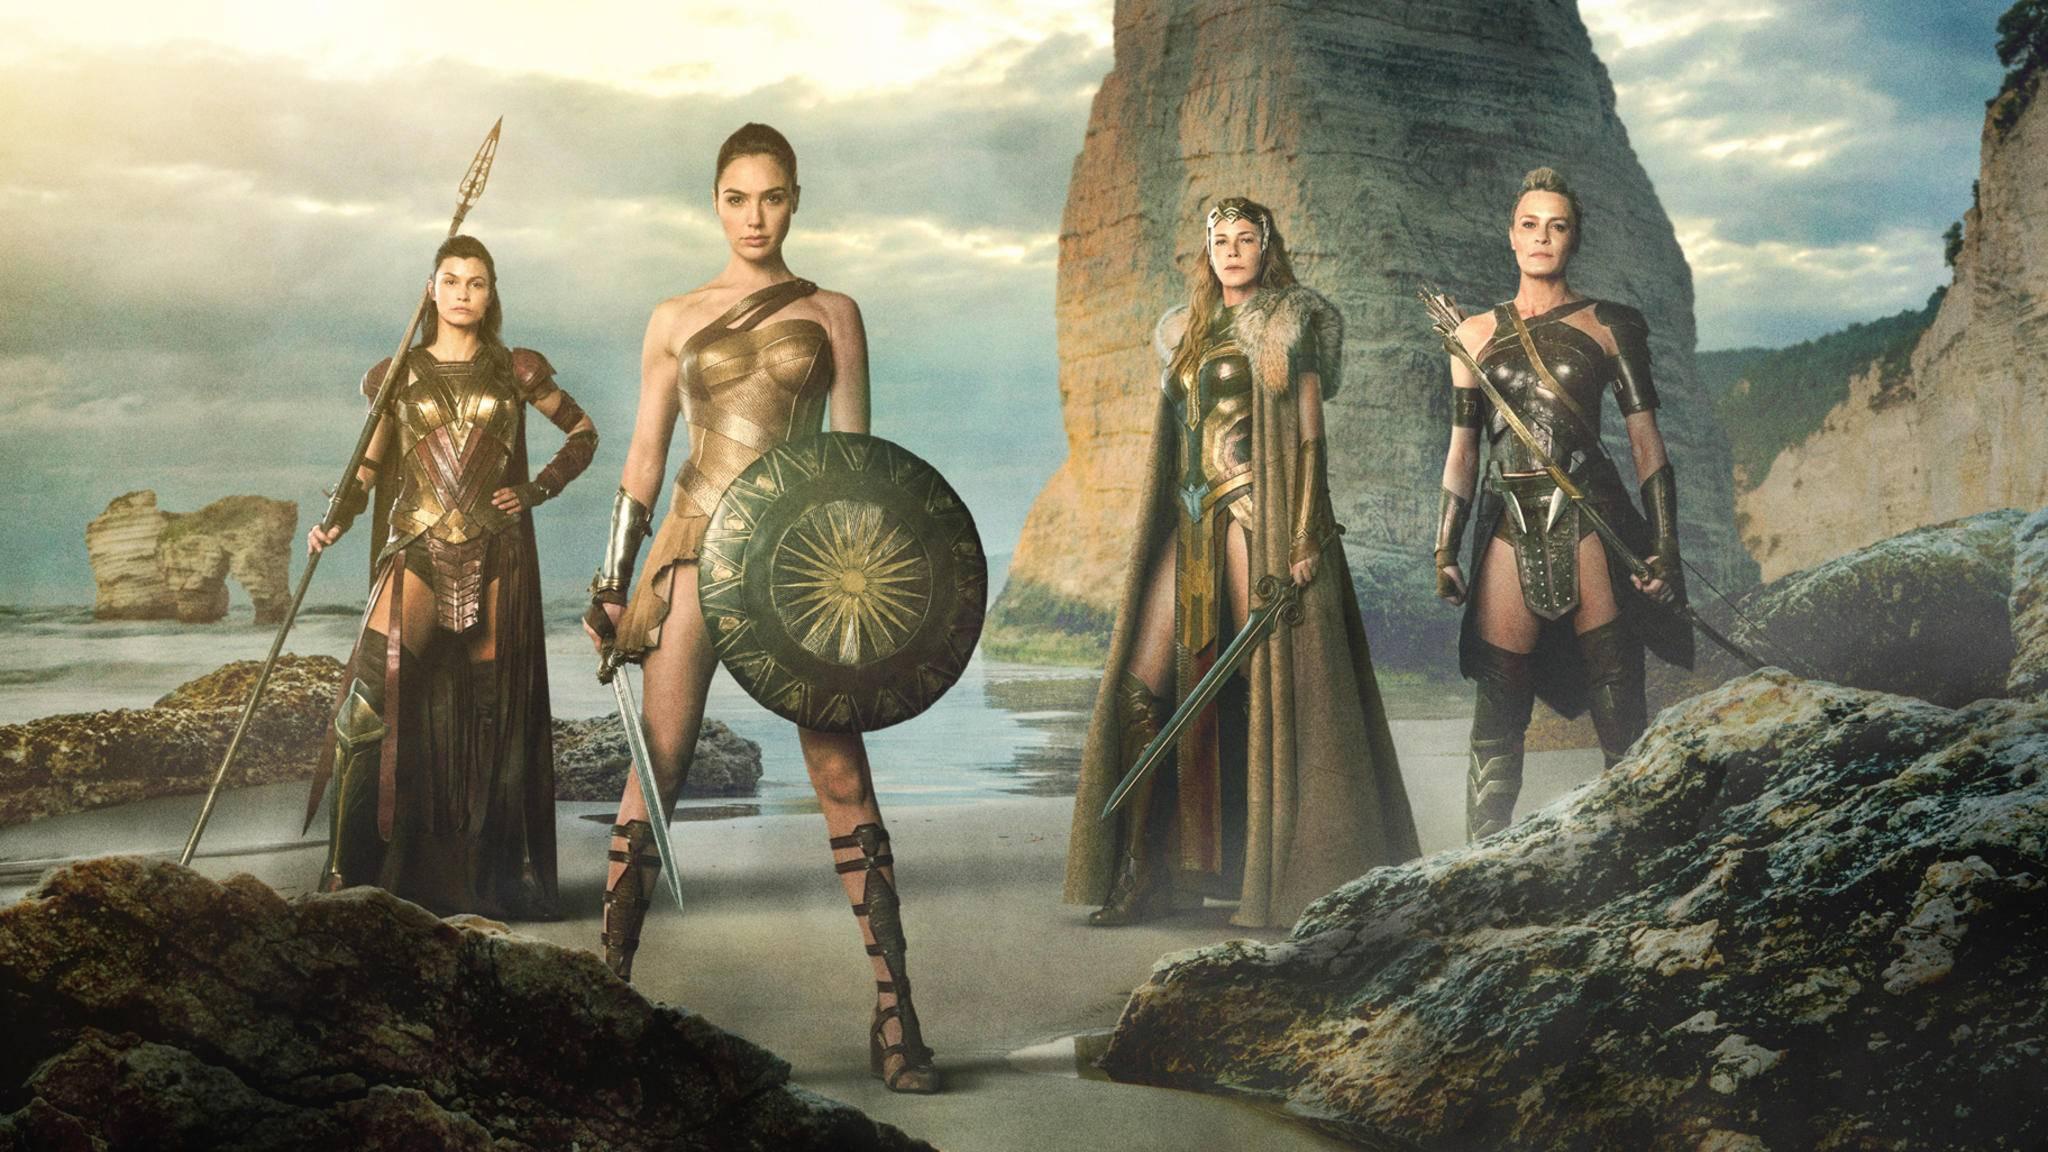 """Geballte Frauenpower vor und hinter der Kamera in """"Wonder Woman""""."""